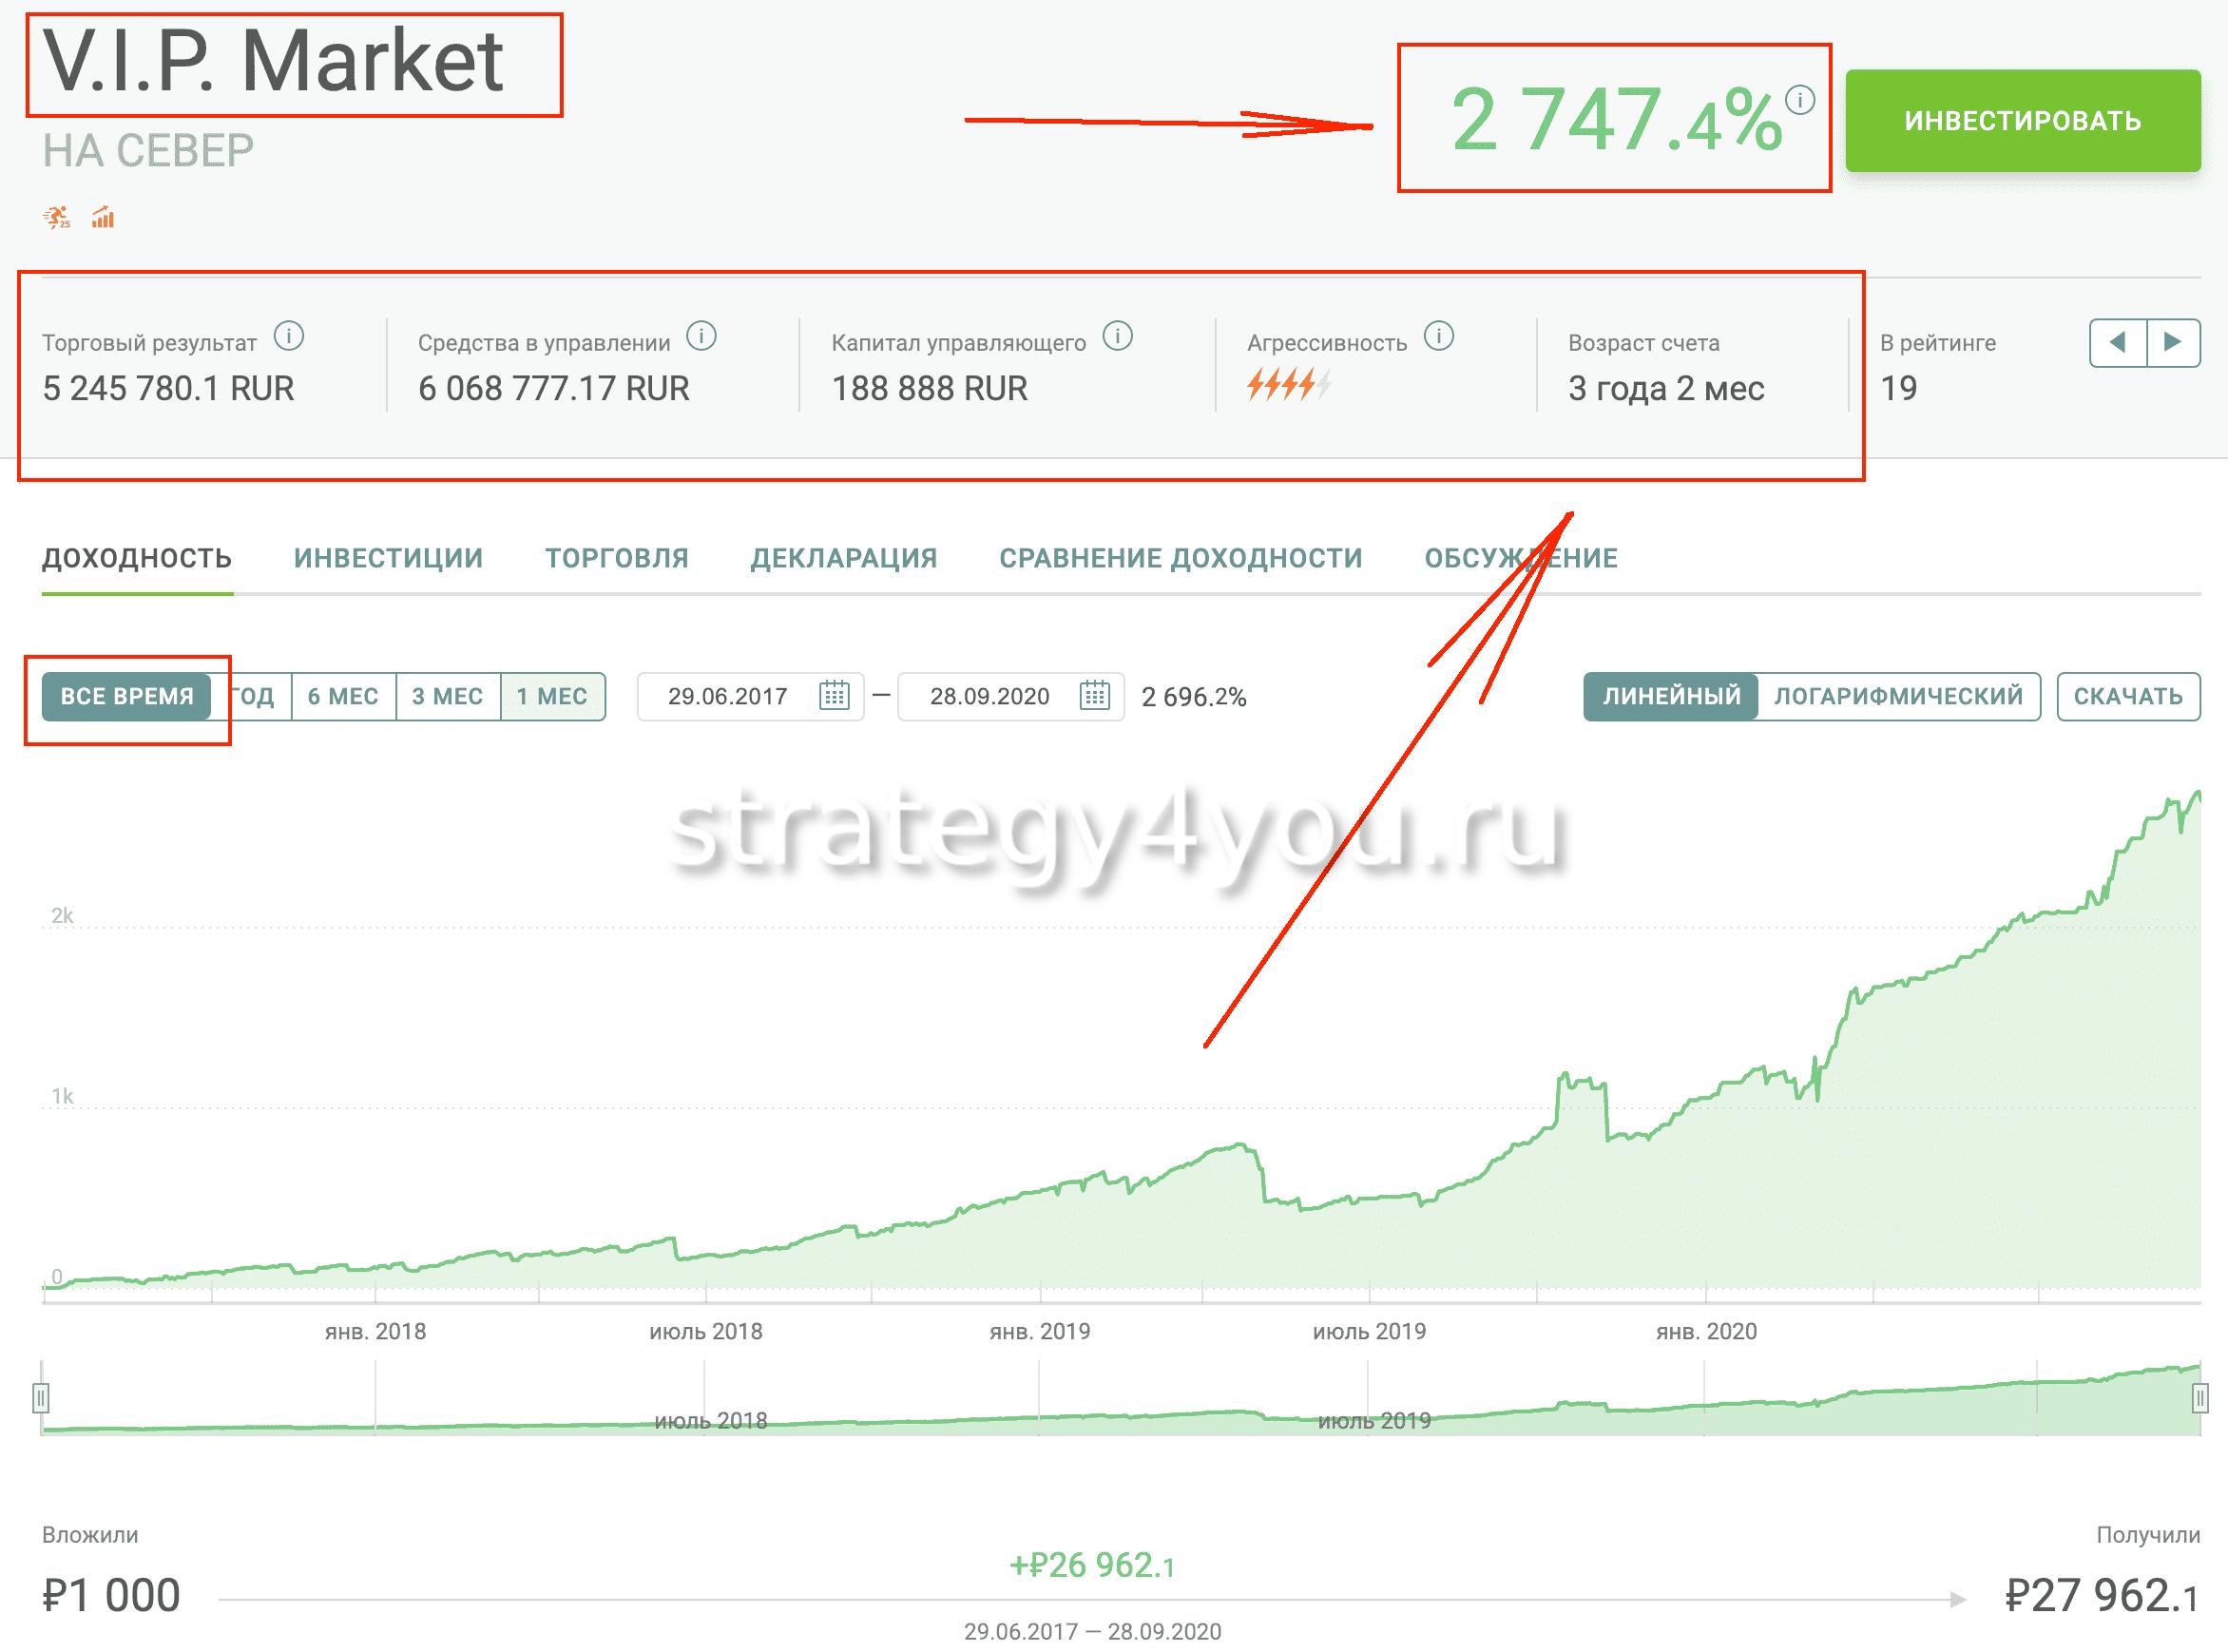 V.I.P. Market